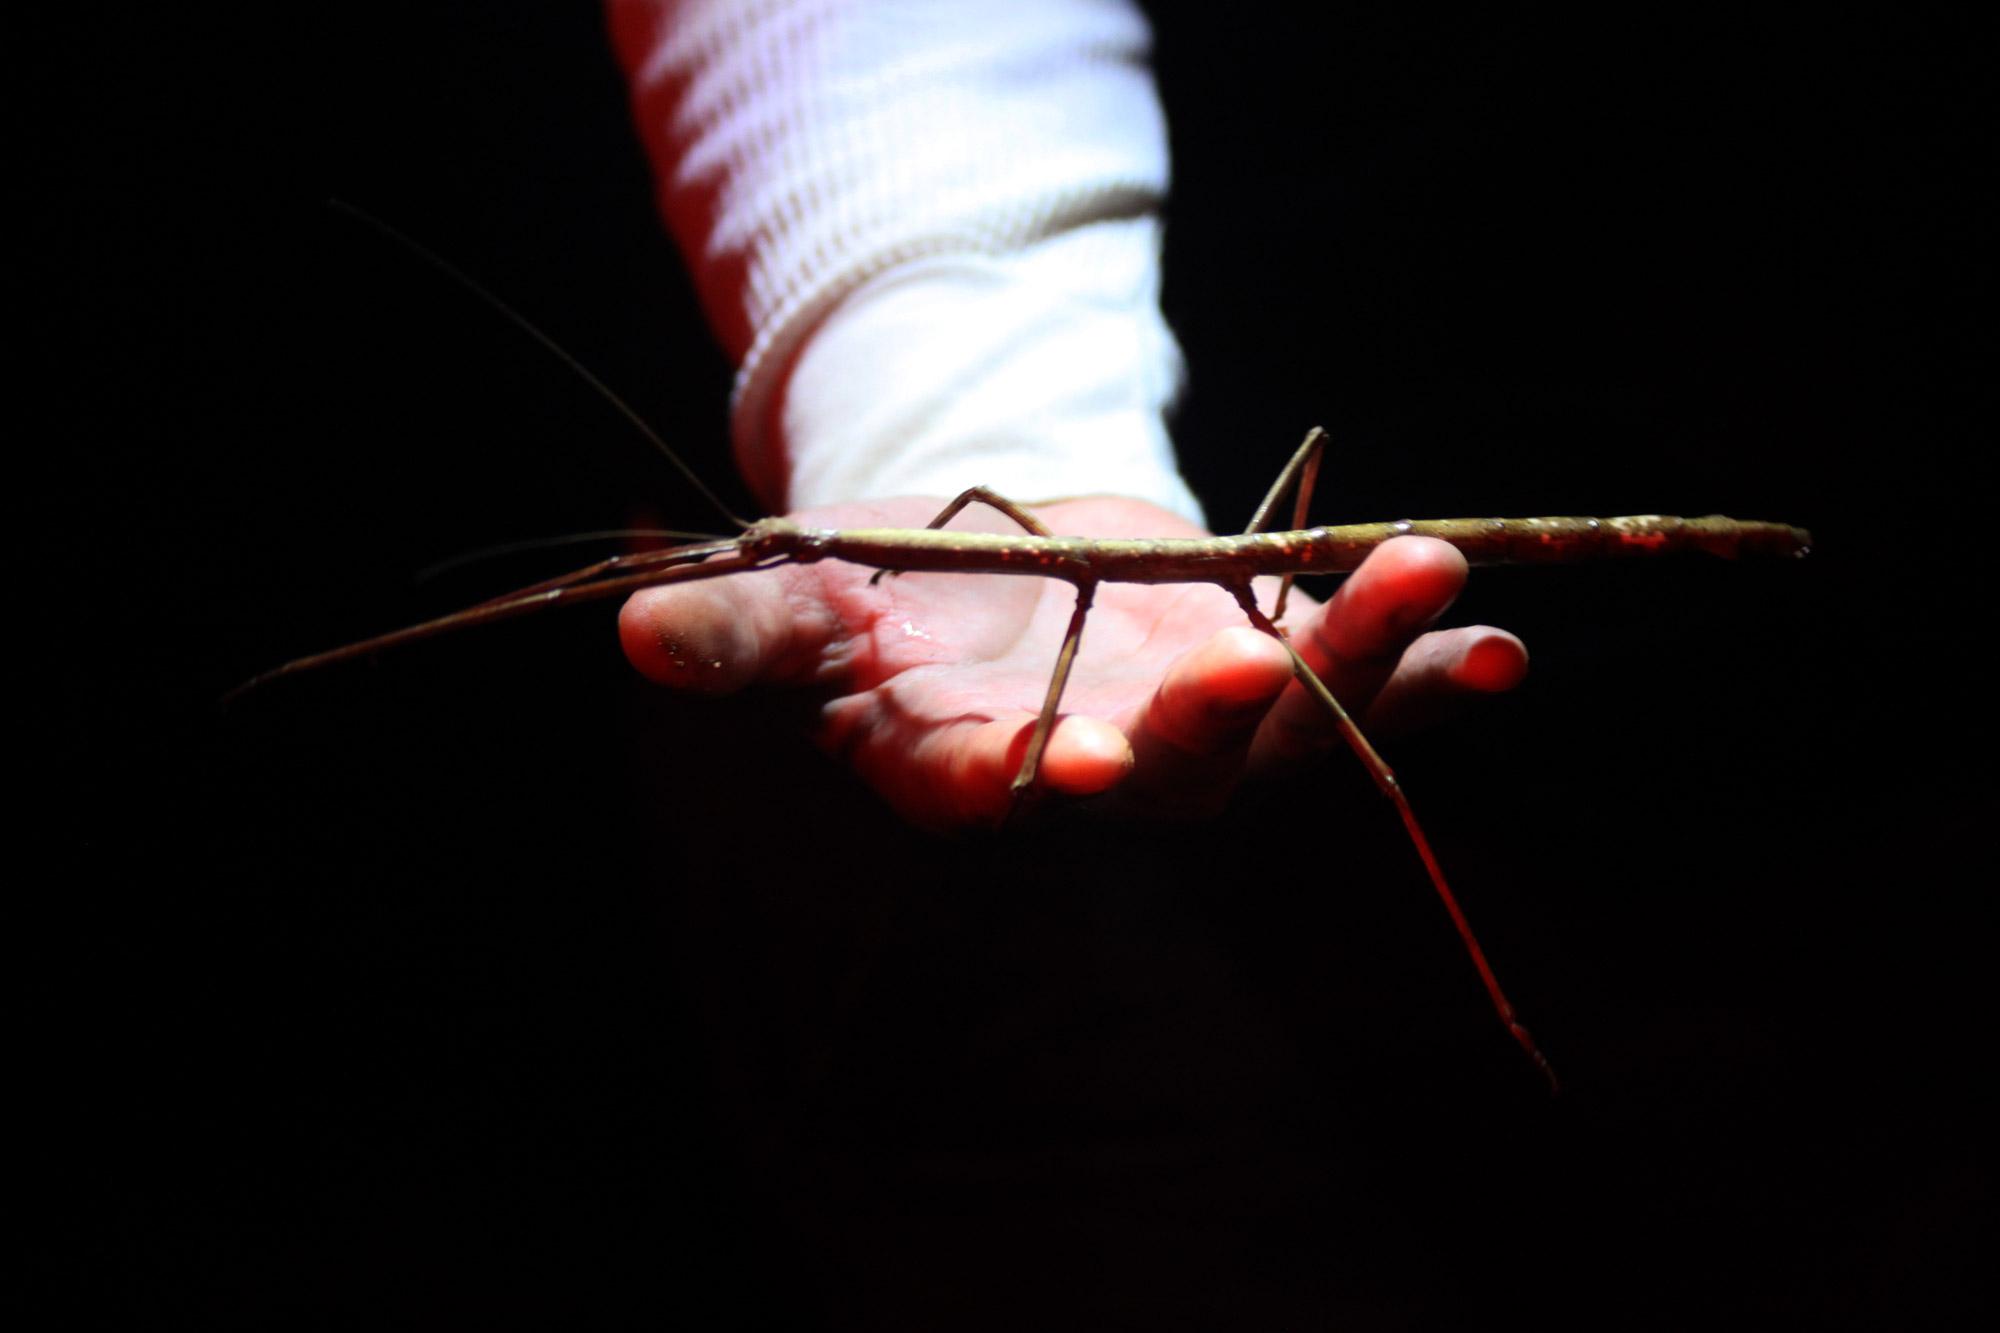 Costa Rica 2014 - dag 16 - The Bug lady